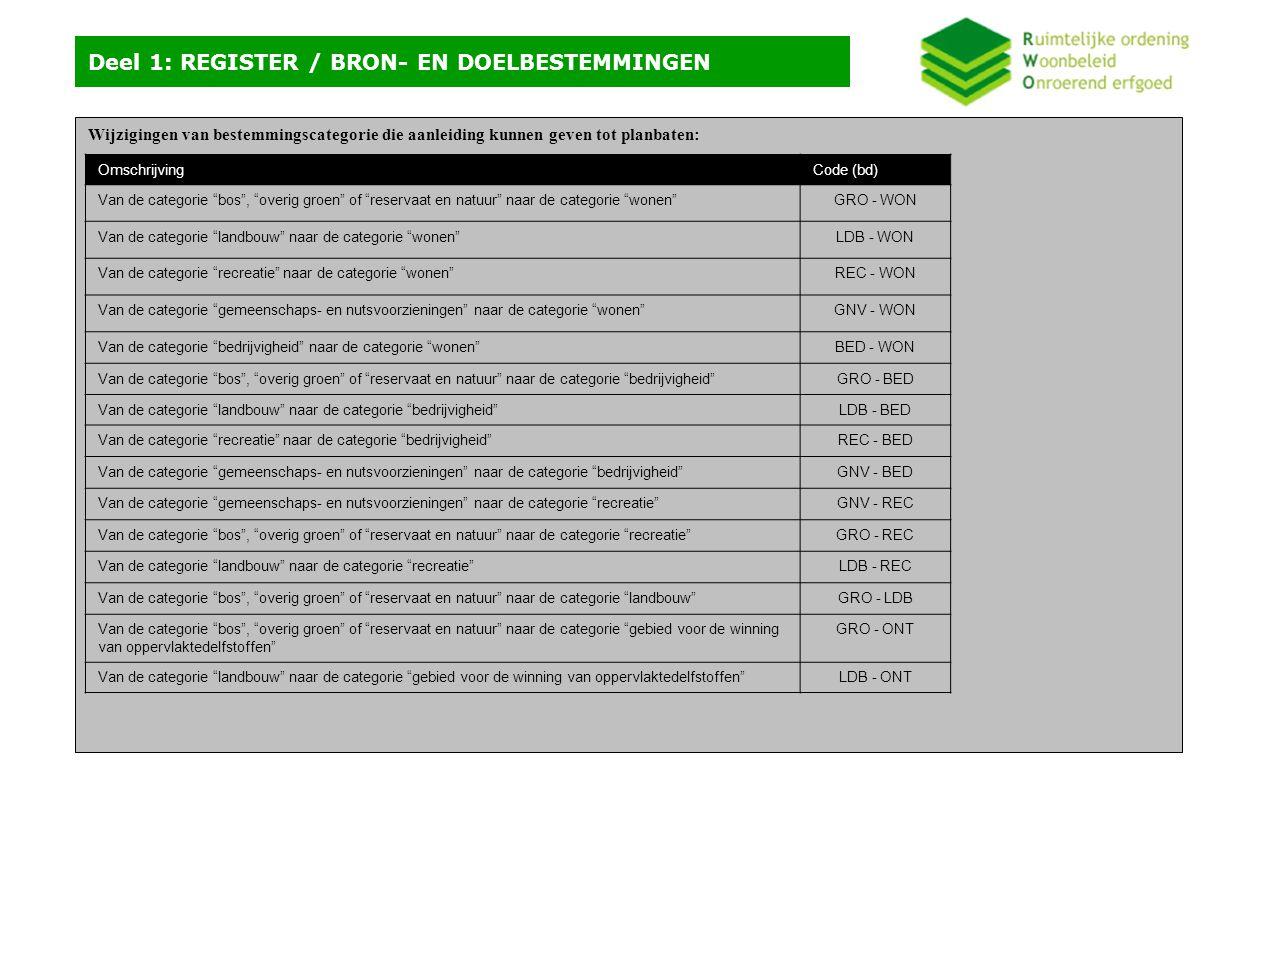 Wijzigingen van bestemmingscategorie die aanleiding kunnen geven tot planbaten: Deel 1: REGISTER / BRON- EN DOELBESTEMMINGEN OmschrijvingCode (bd) Van de categorie bos , overig groen of reservaat en natuur naar de categorie wonen GRO - WON Van de categorie landbouw naar de categorie wonen LDB - WON Van de categorie recreatie naar de categorie wonen REC - WON Van de categorie gemeenschaps- en nutsvoorzieningen naar de categorie wonen GNV - WON Van de categorie bedrijvigheid naar de categorie wonen BED - WON Van de categorie bos , overig groen of reservaat en natuur naar de categorie bedrijvigheid GRO - BED Van de categorie landbouw naar de categorie bedrijvigheid LDB - BED Van de categorie recreatie naar de categorie bedrijvigheid REC - BED Van de categorie gemeenschaps- en nutsvoorzieningen naar de categorie bedrijvigheid GNV - BED Van de categorie gemeenschaps- en nutsvoorzieningen naar de categorie recreatie GNV - REC Van de categorie bos , overig groen of reservaat en natuur naar de categorie recreatie GRO - REC Van de categorie landbouw naar de categorie recreatie LDB - REC Van de categorie bos , overig groen of reservaat en natuur naar de categorie landbouw GRO - LDB Van de categorie bos , overig groen of reservaat en natuur naar de categorie gebied voor de winning van oppervlaktedelfstoffen GRO - ONT Van de categorie landbouw naar de categorie gebied voor de winning van oppervlaktedelfstoffen LDB - ONT